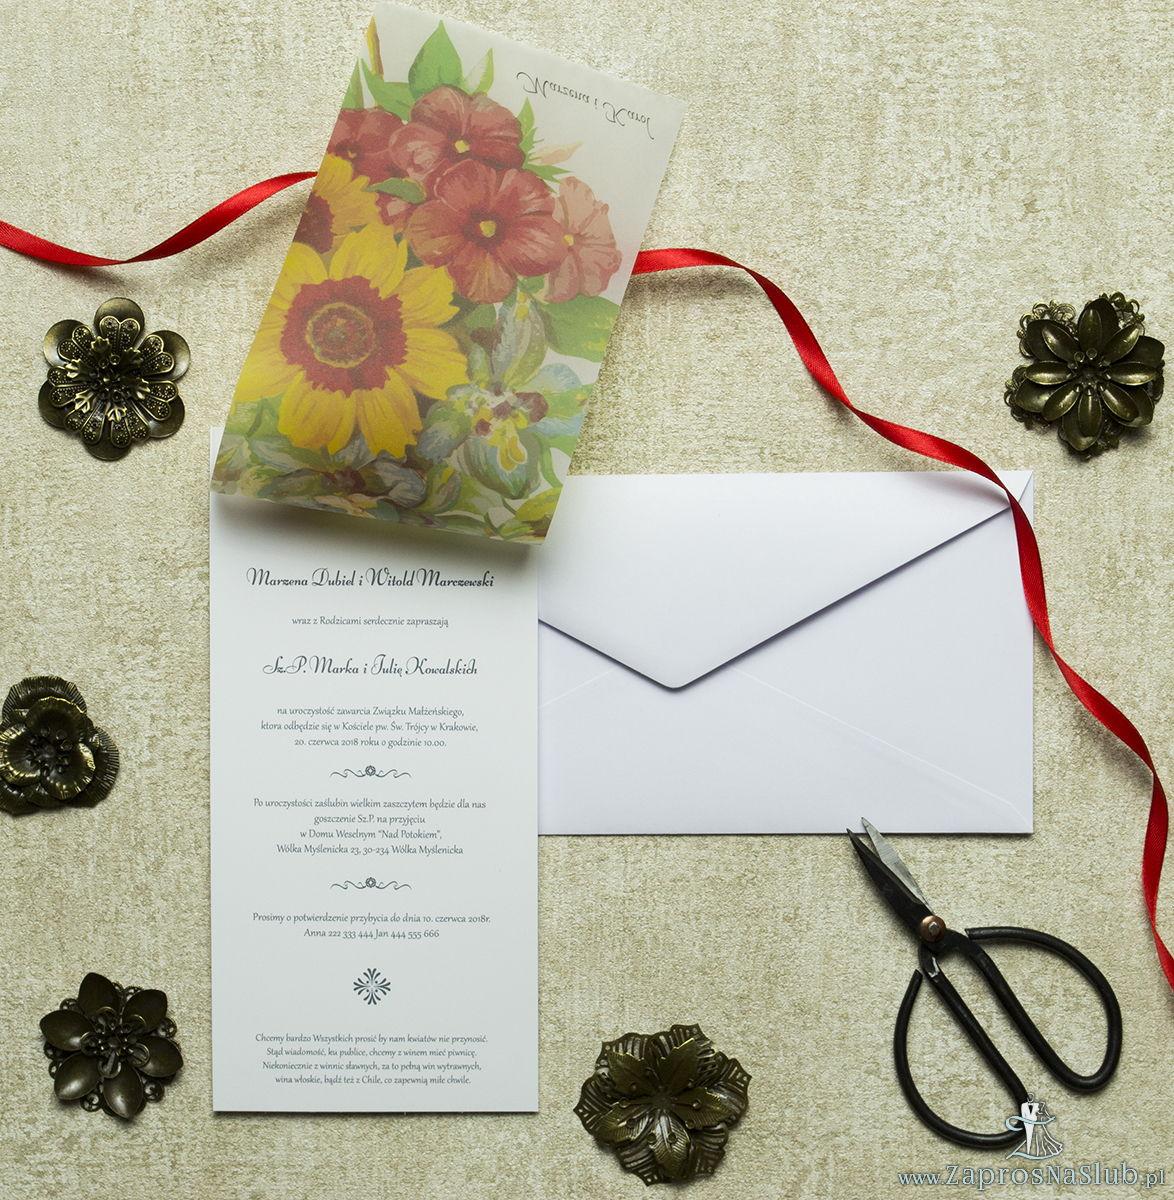 Kwiatowe zaproszenia ślubne w niecodziennym stylu z bukietem wiosennych roślin. ZAP-82-04